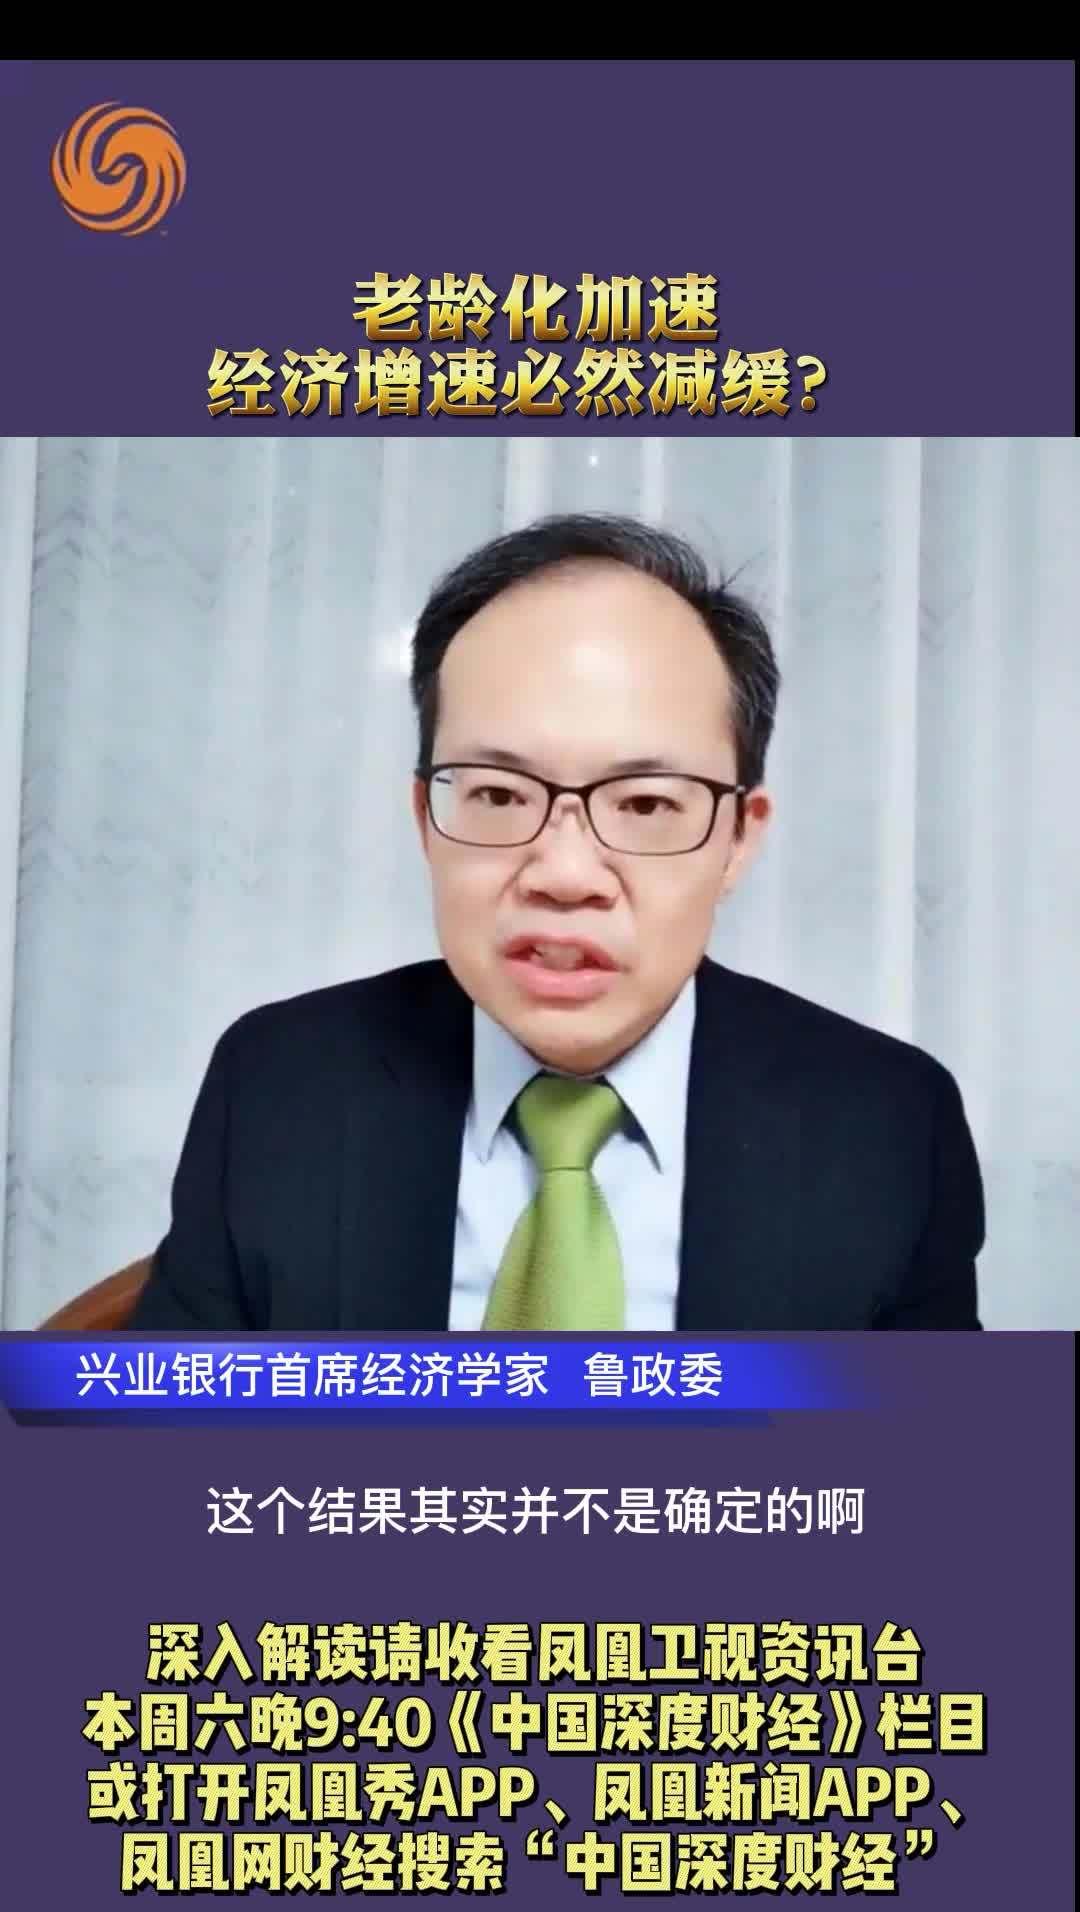 兴业银行首席经济学家鲁政委:老龄化加速,经济增速必然减缓吗?